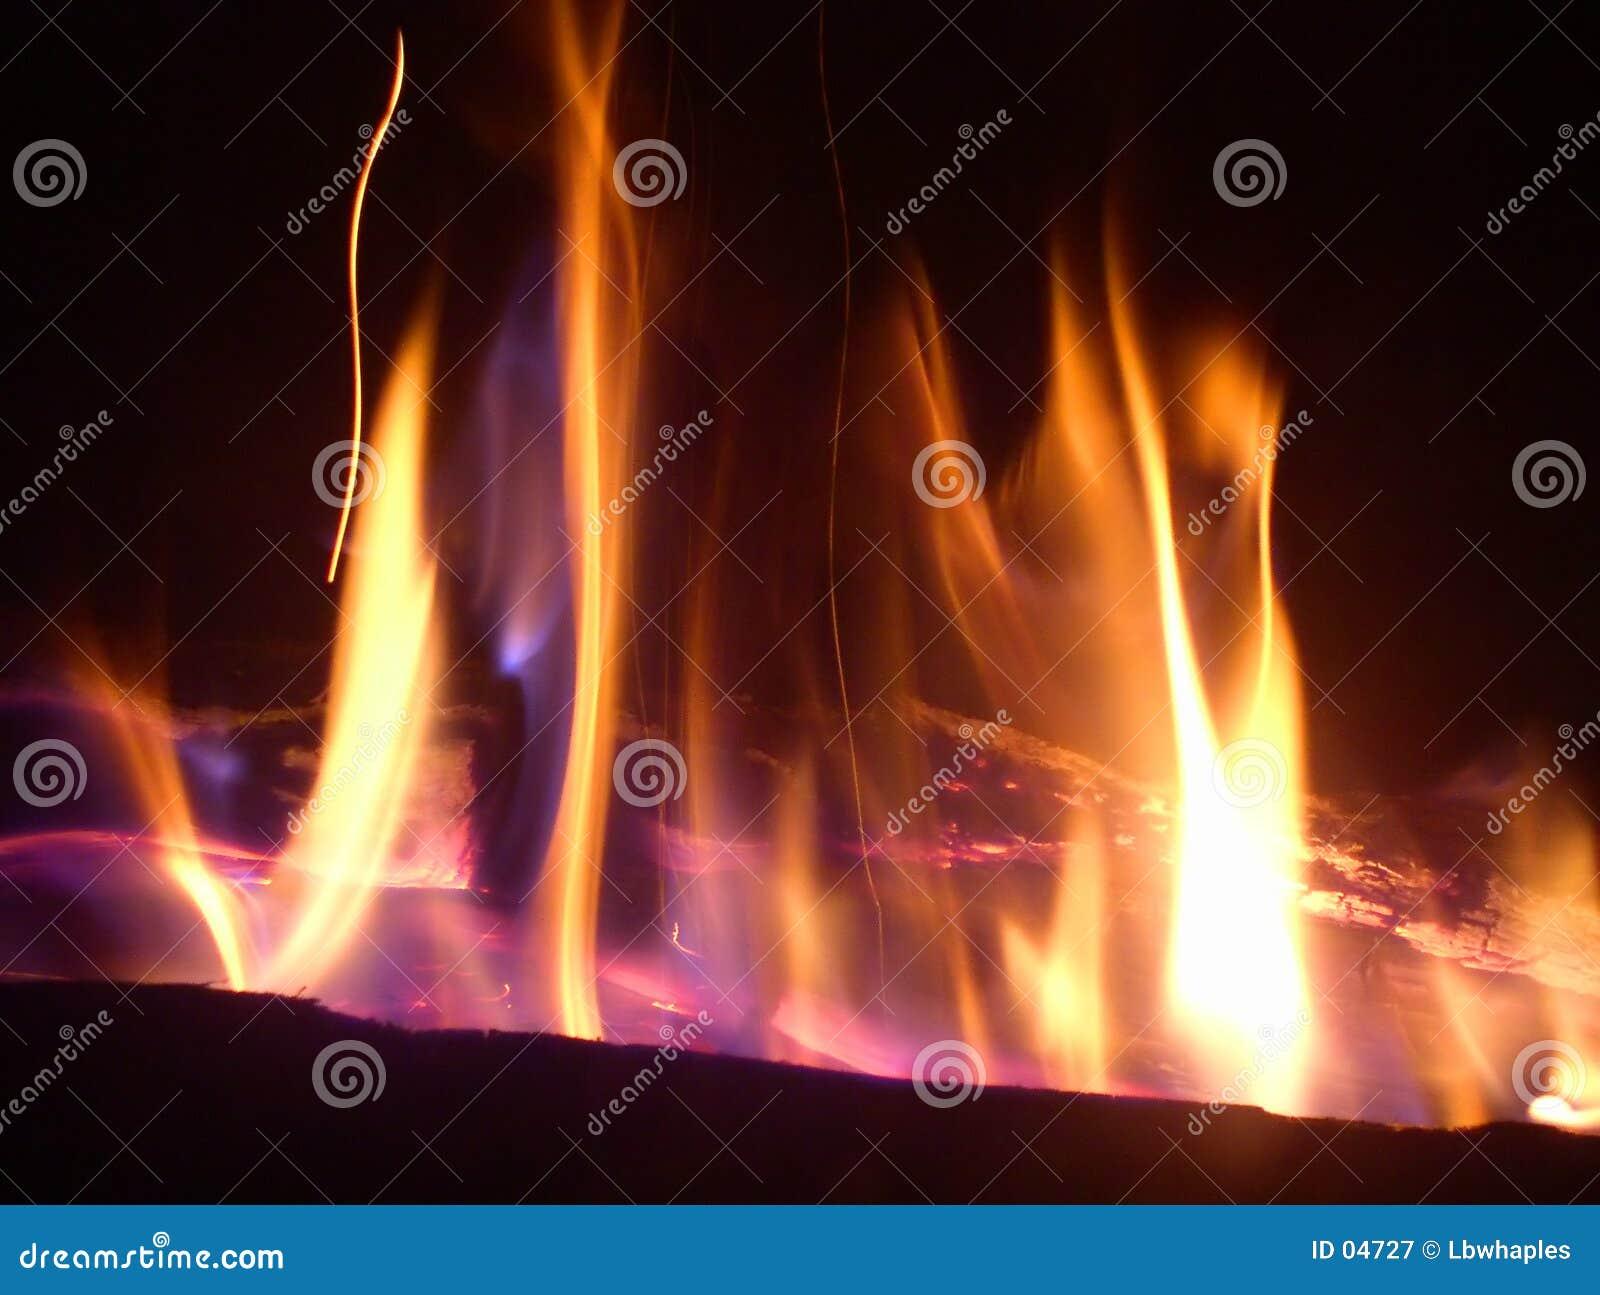 El Fuego - fire